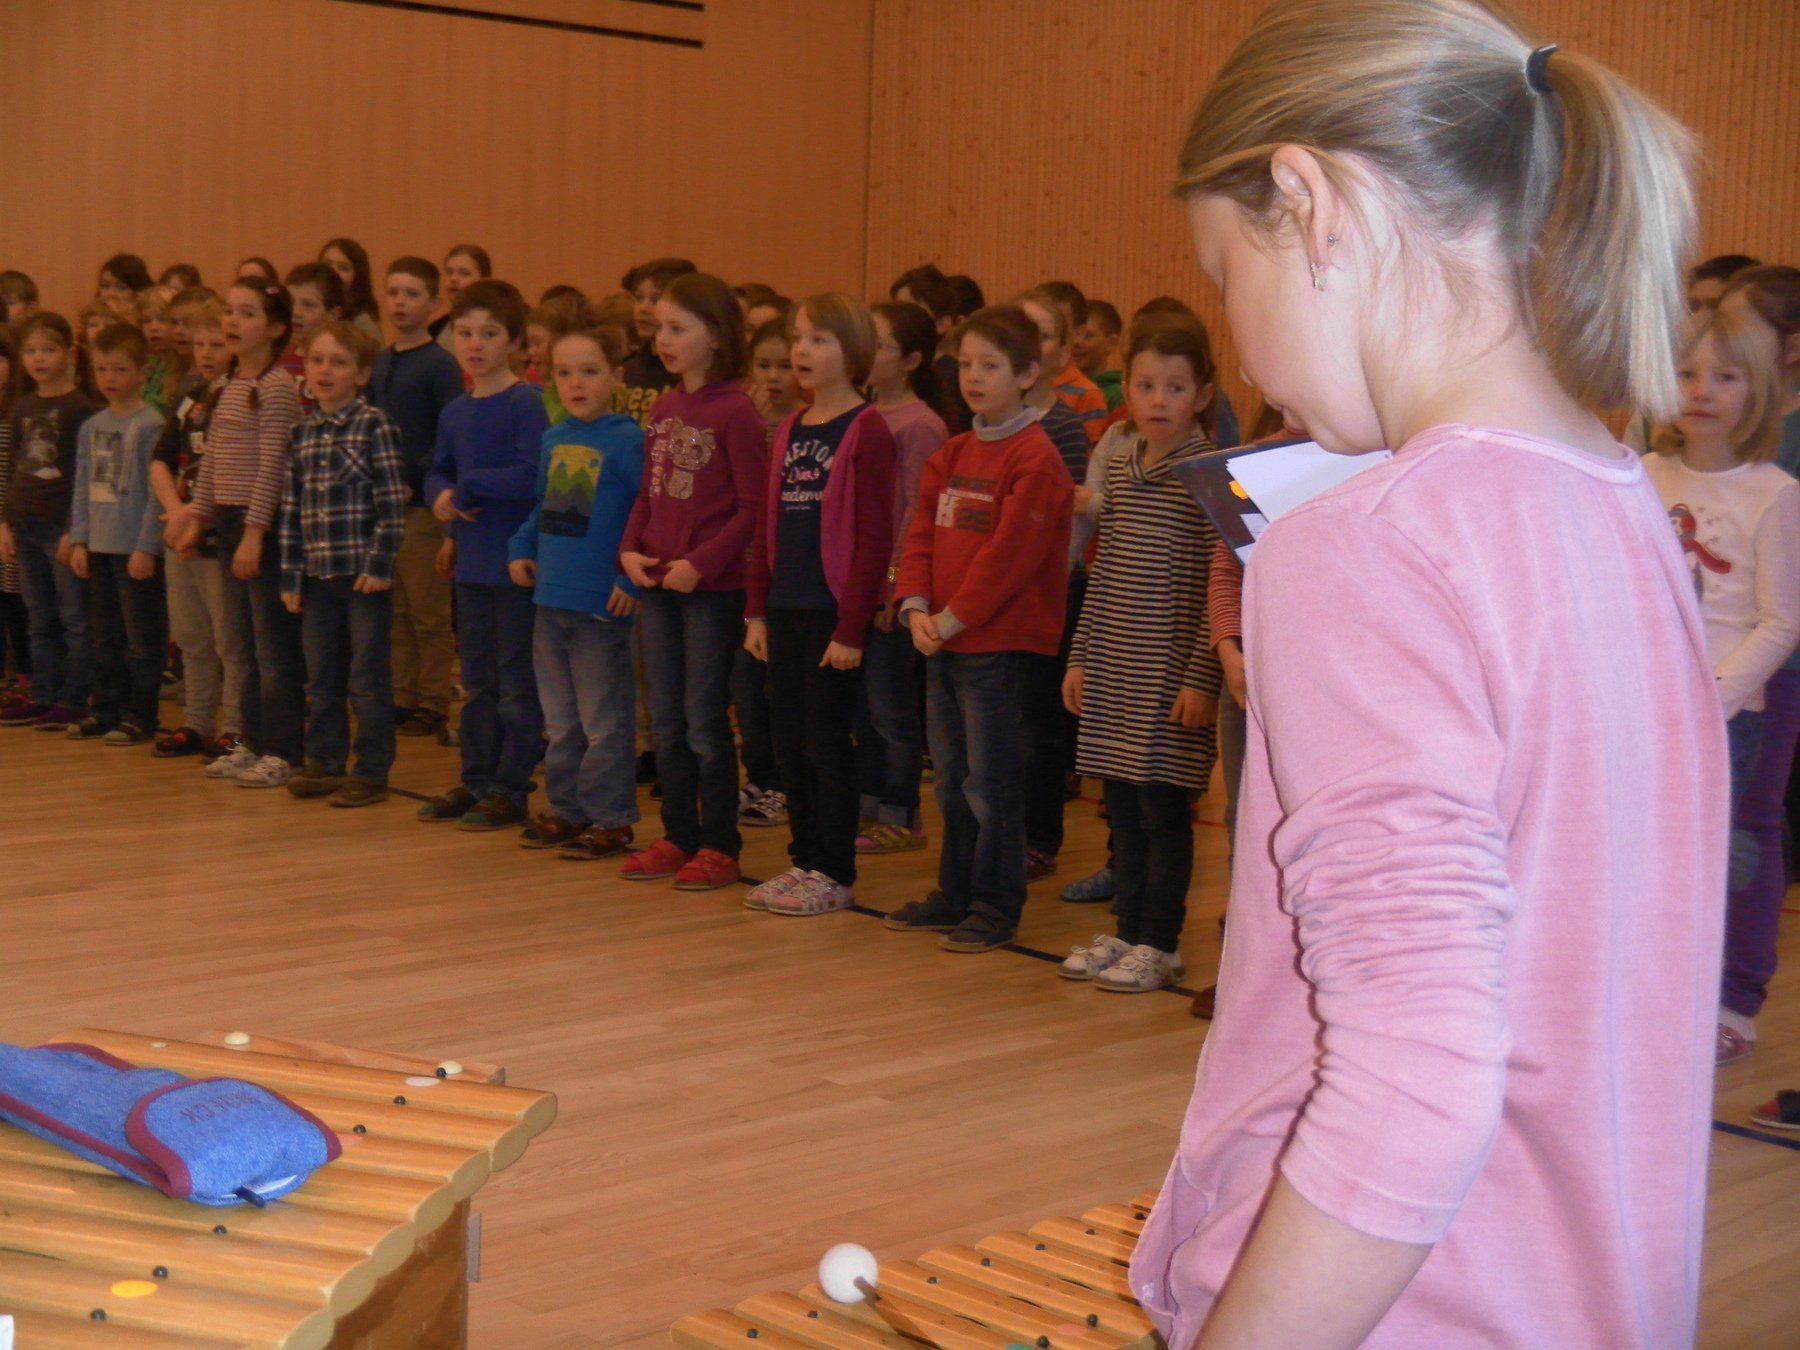 Schüler und Schülerinnen üben für den großen Auftritt